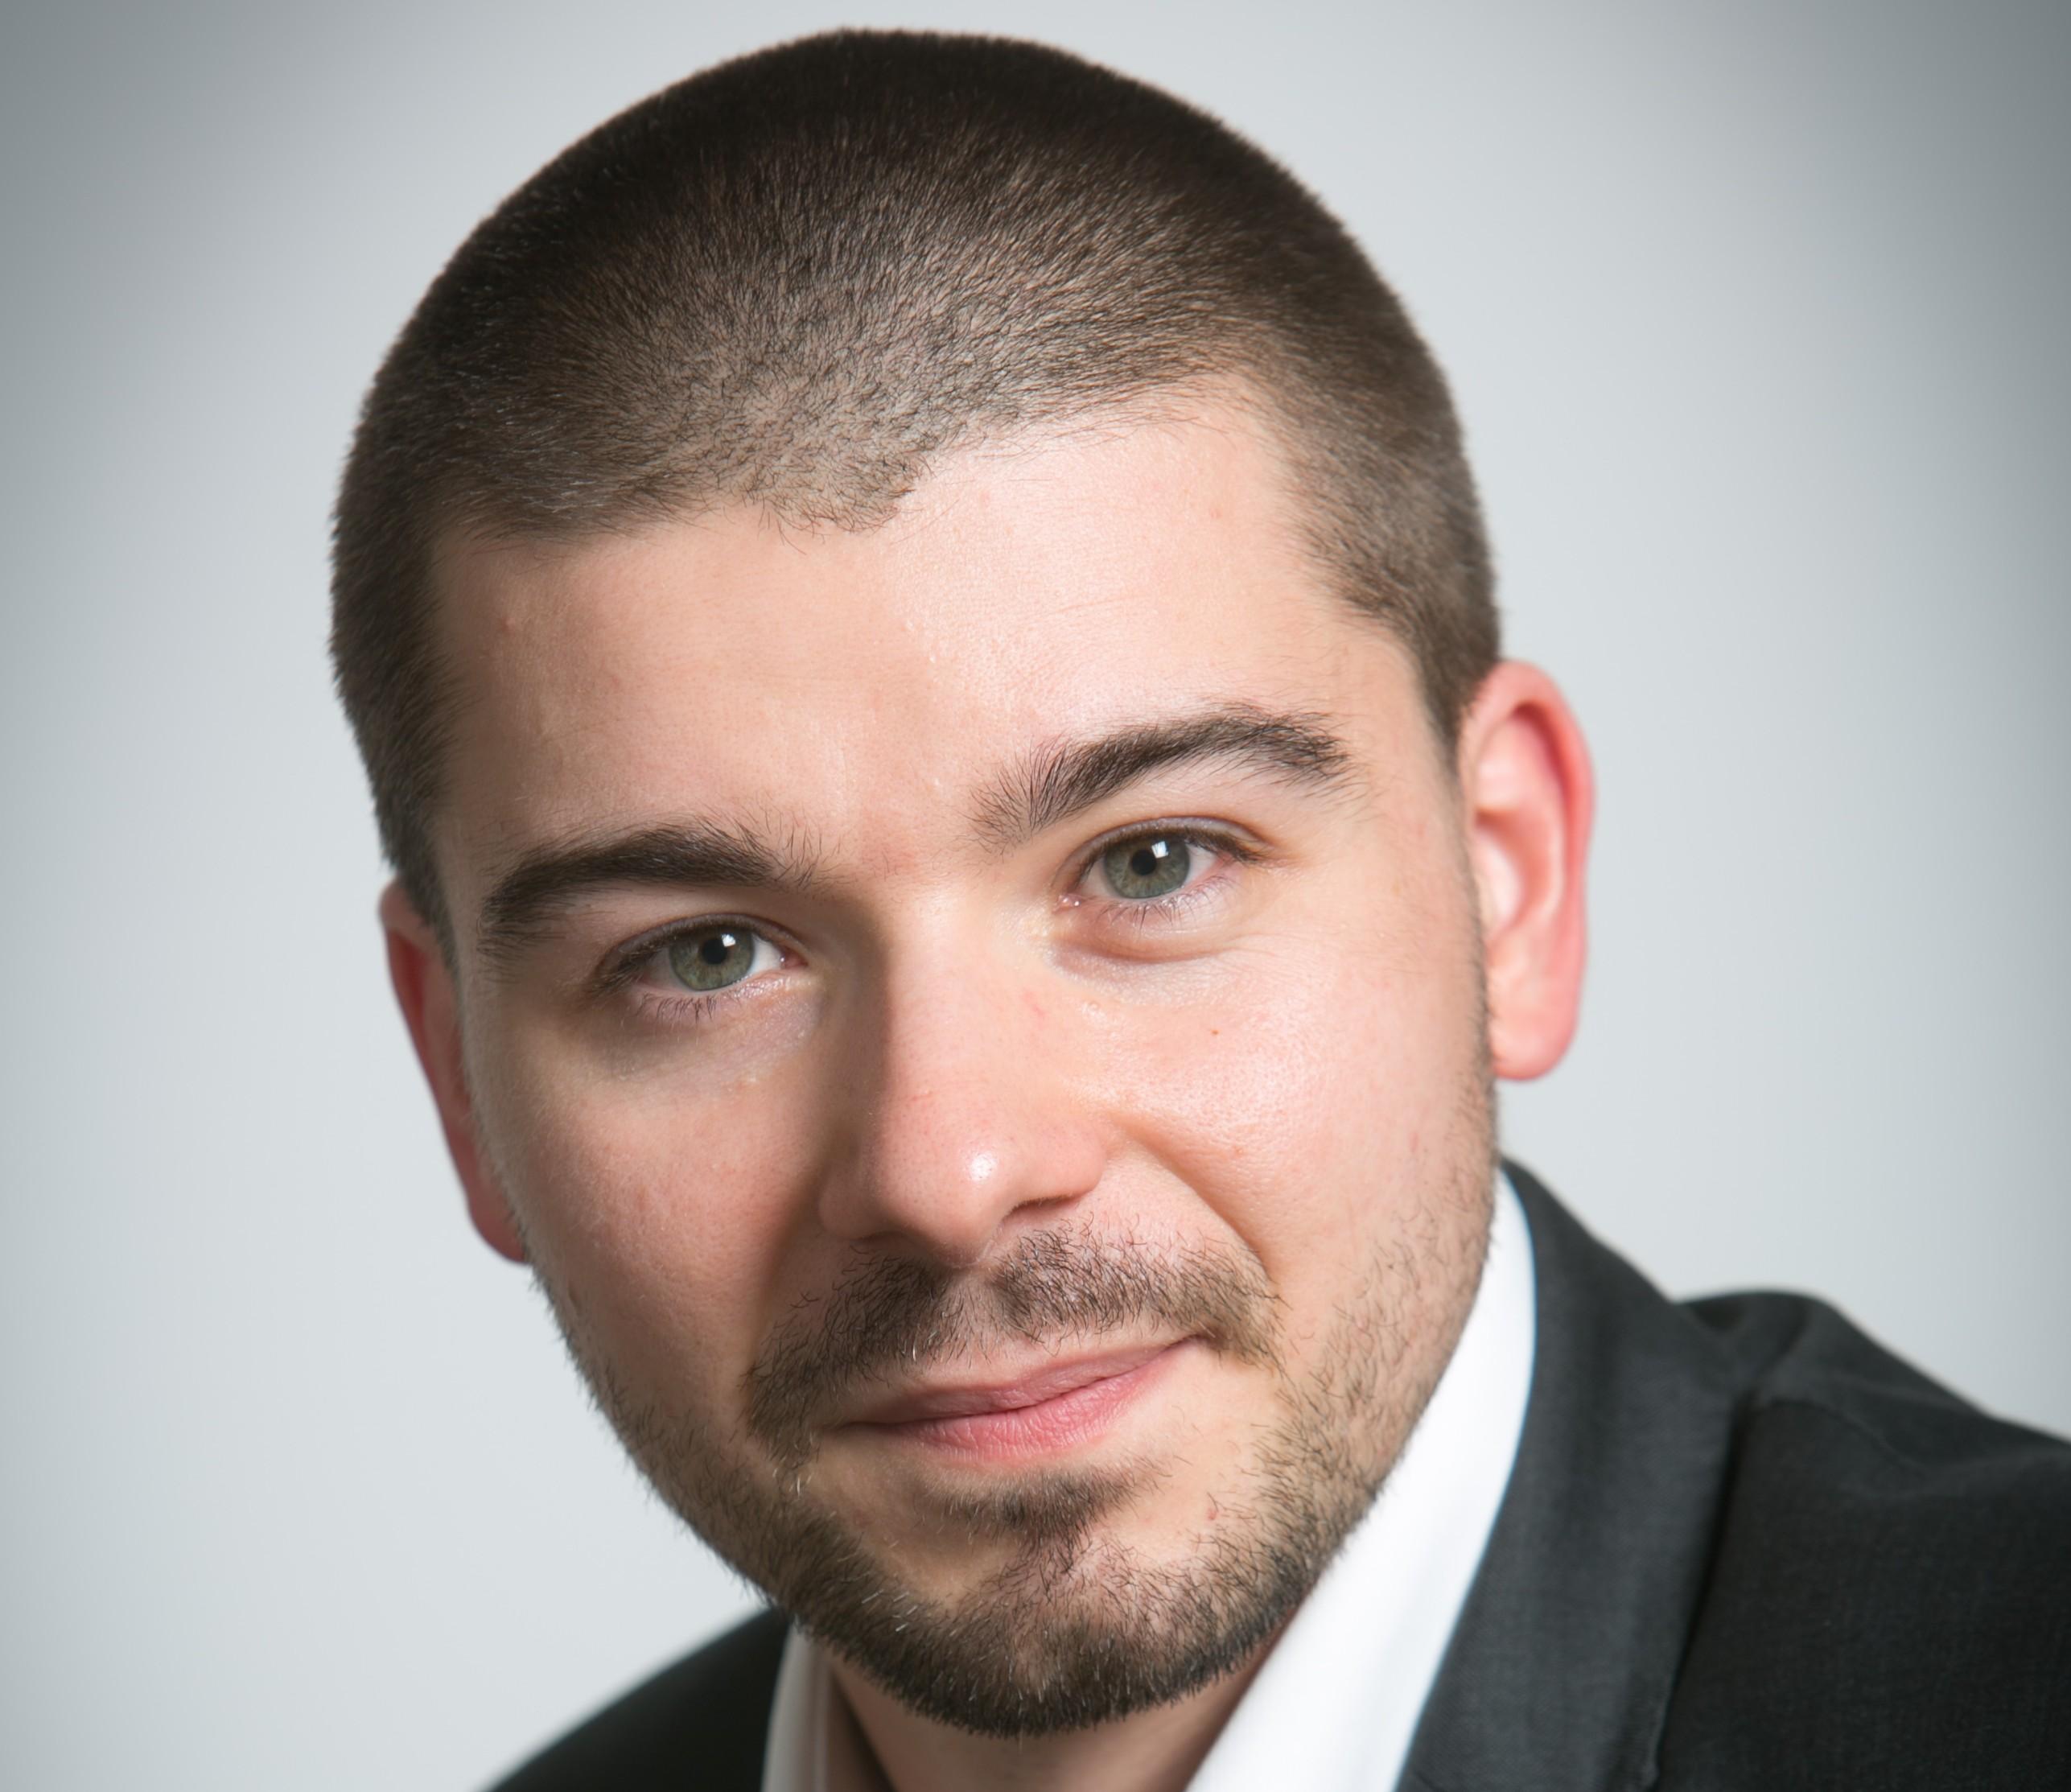 Klépierre nomina Michaël Farbos come Chief Development Officer